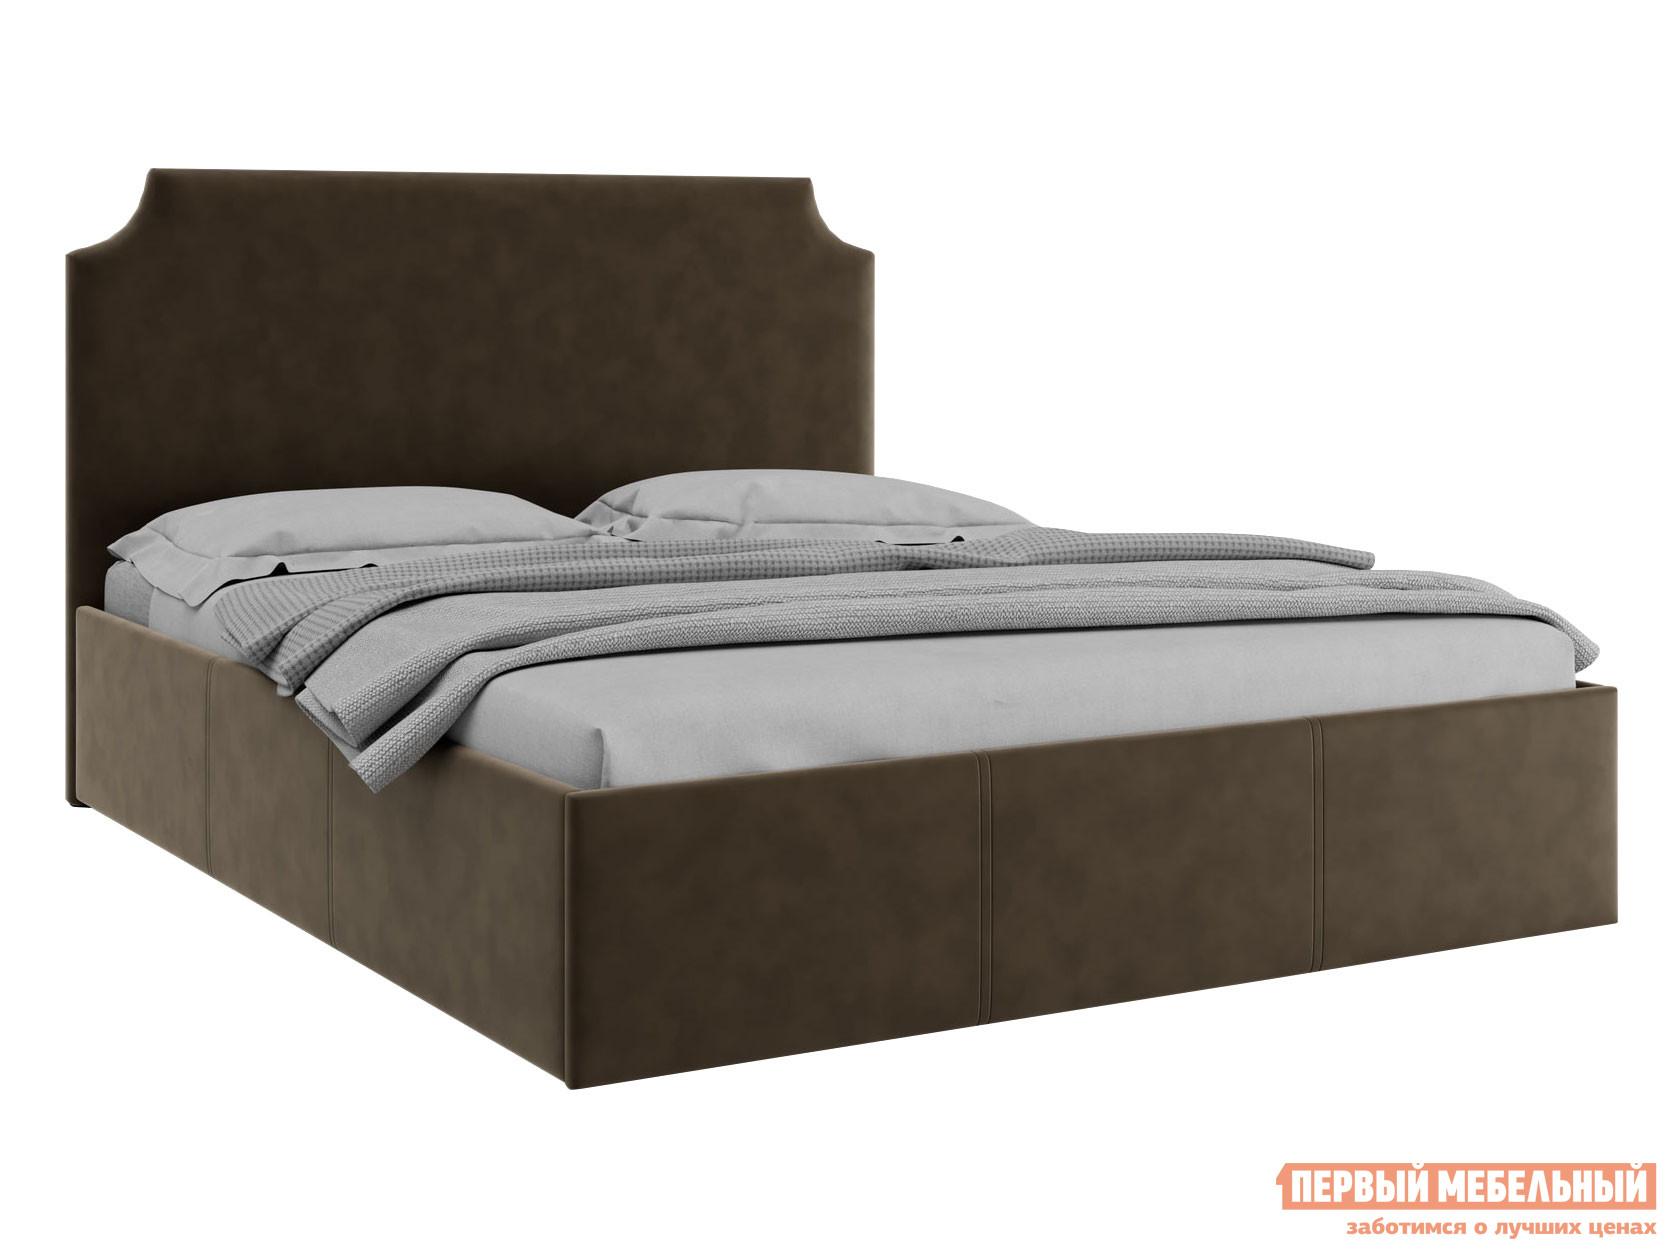 Кровать с подъемным механизмом Первый Мебельный Кровать с подъемным механизмом Венеция 160х200